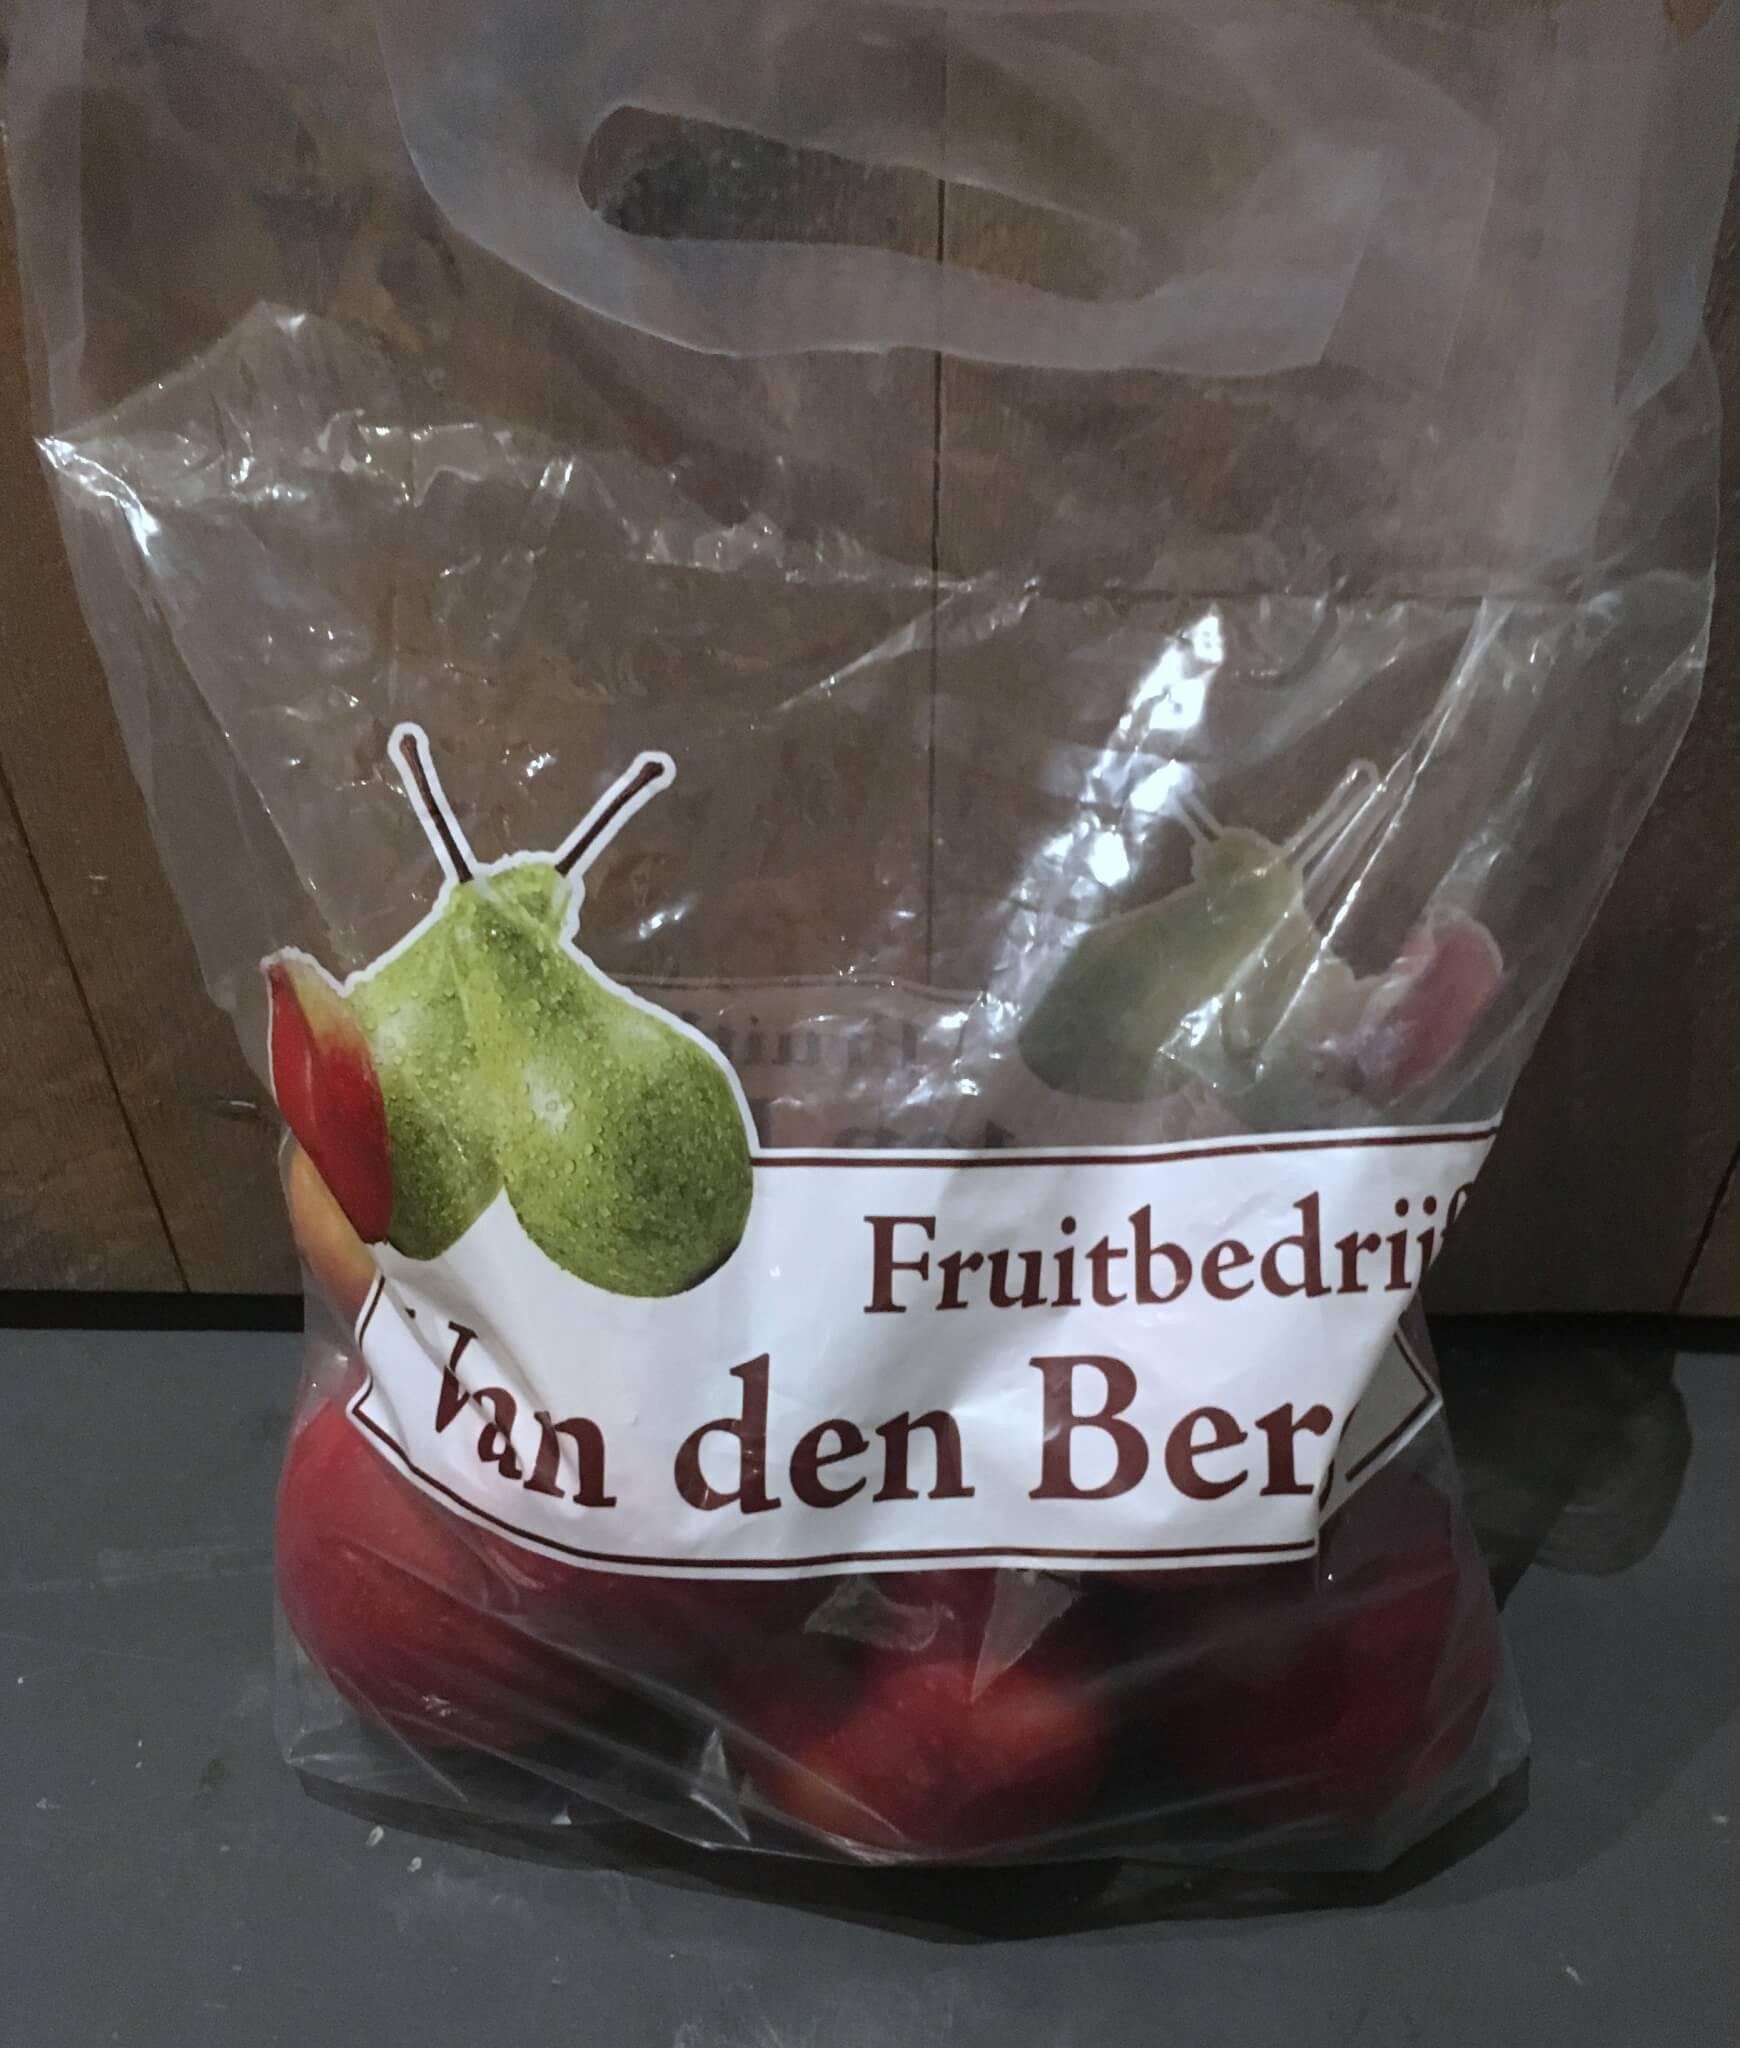 Fruitbedrijf-Van-den-Berge Jonaprince 2017 tasje